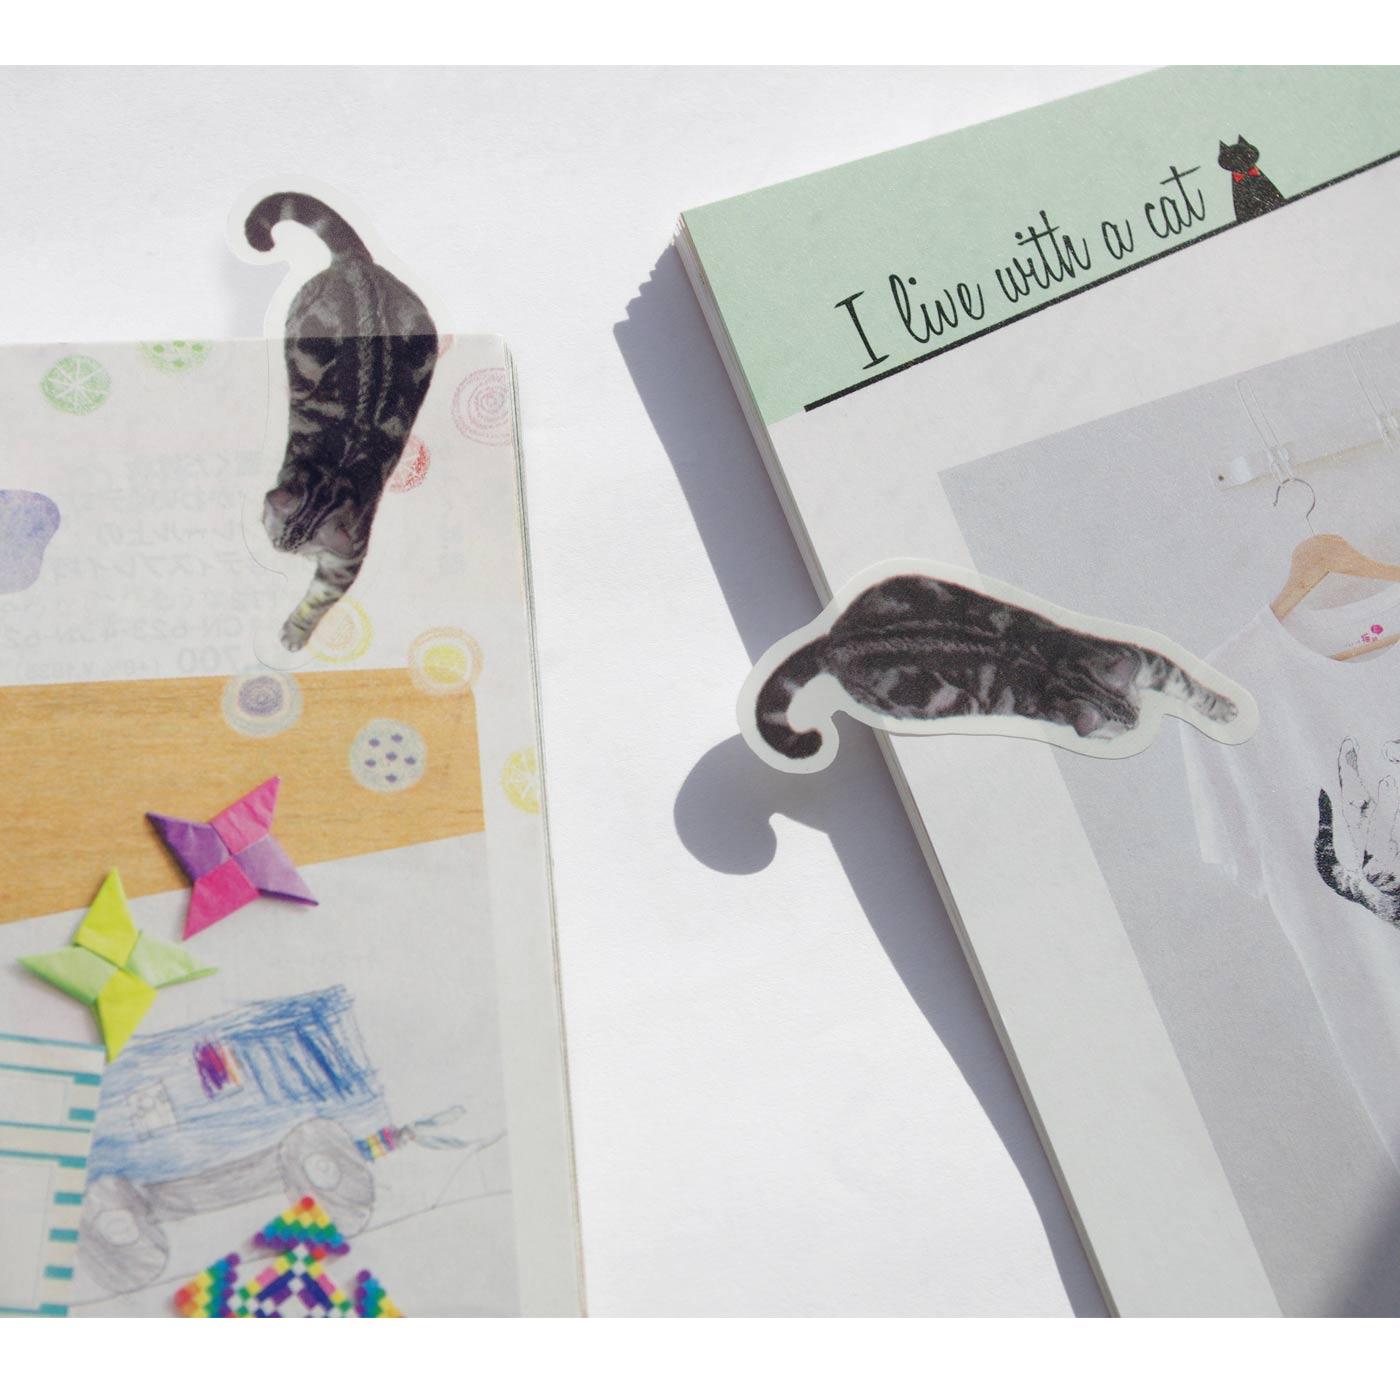 雑誌や本を見ていて「これ欲しい!」となったらこの猫さんを。上から横から、好きな位置から猫さんを飛びつかせちゃいましょう。